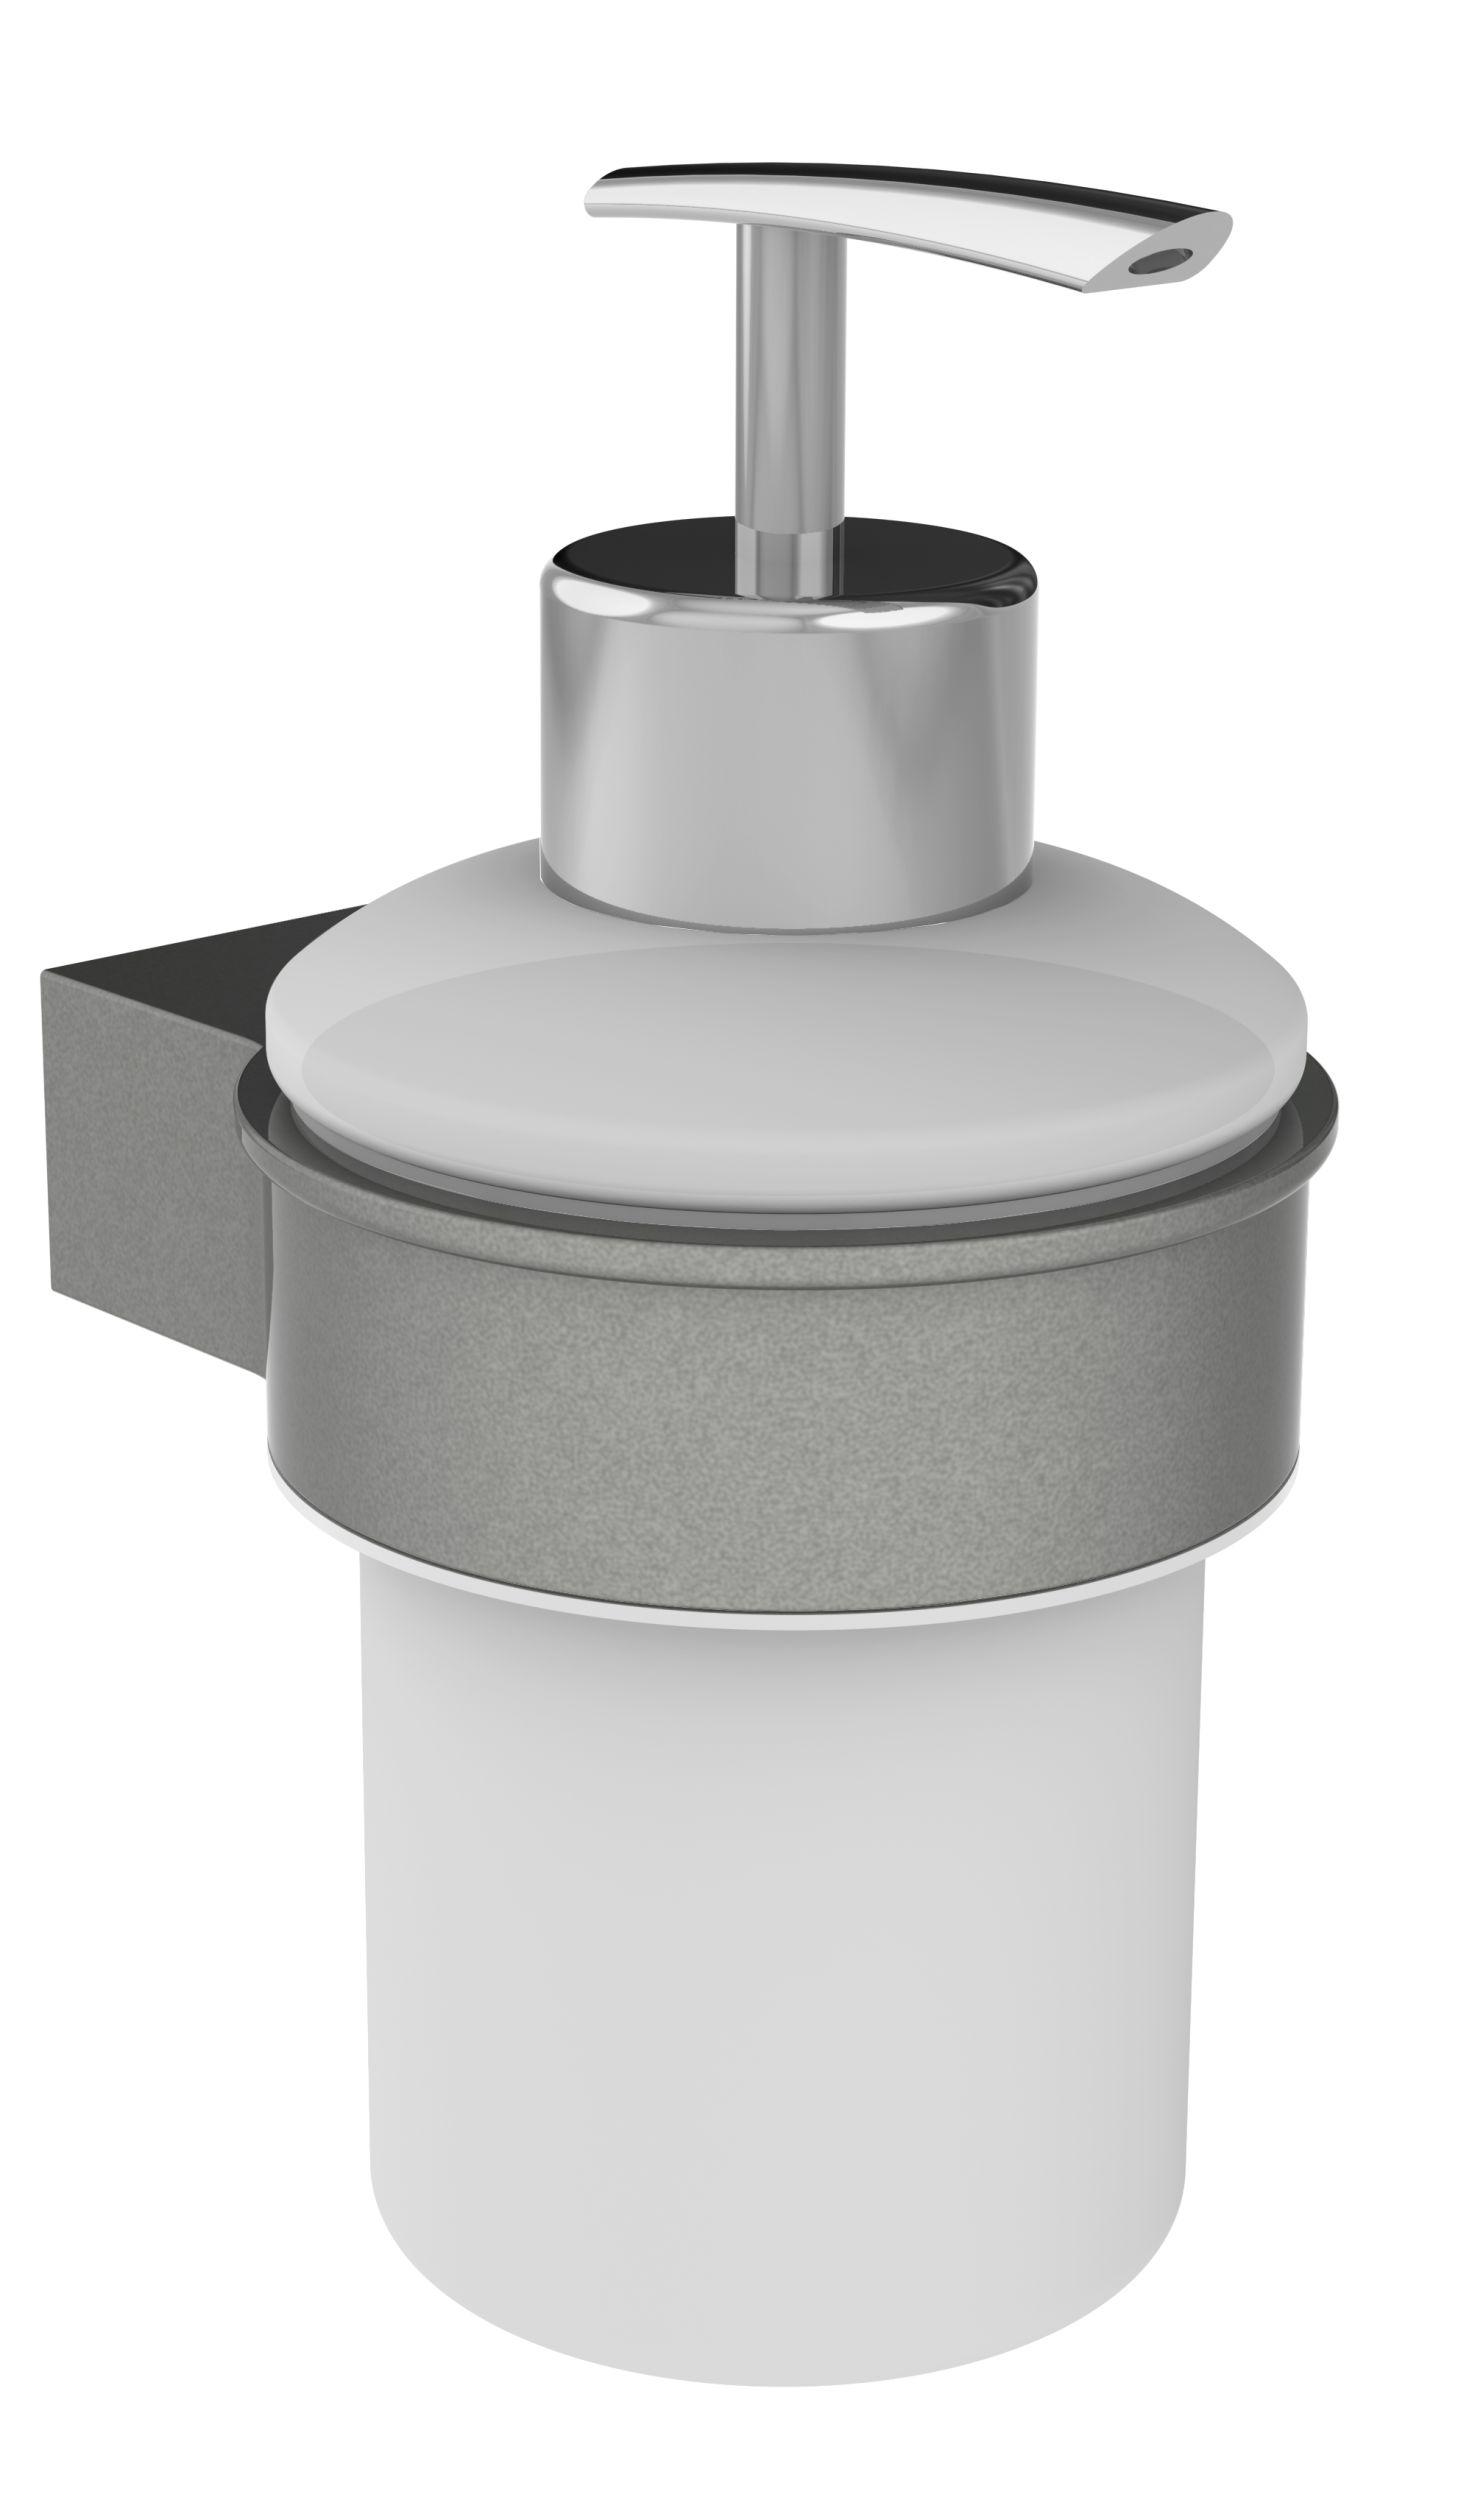 Distributeur savon en alu laqué à fixer